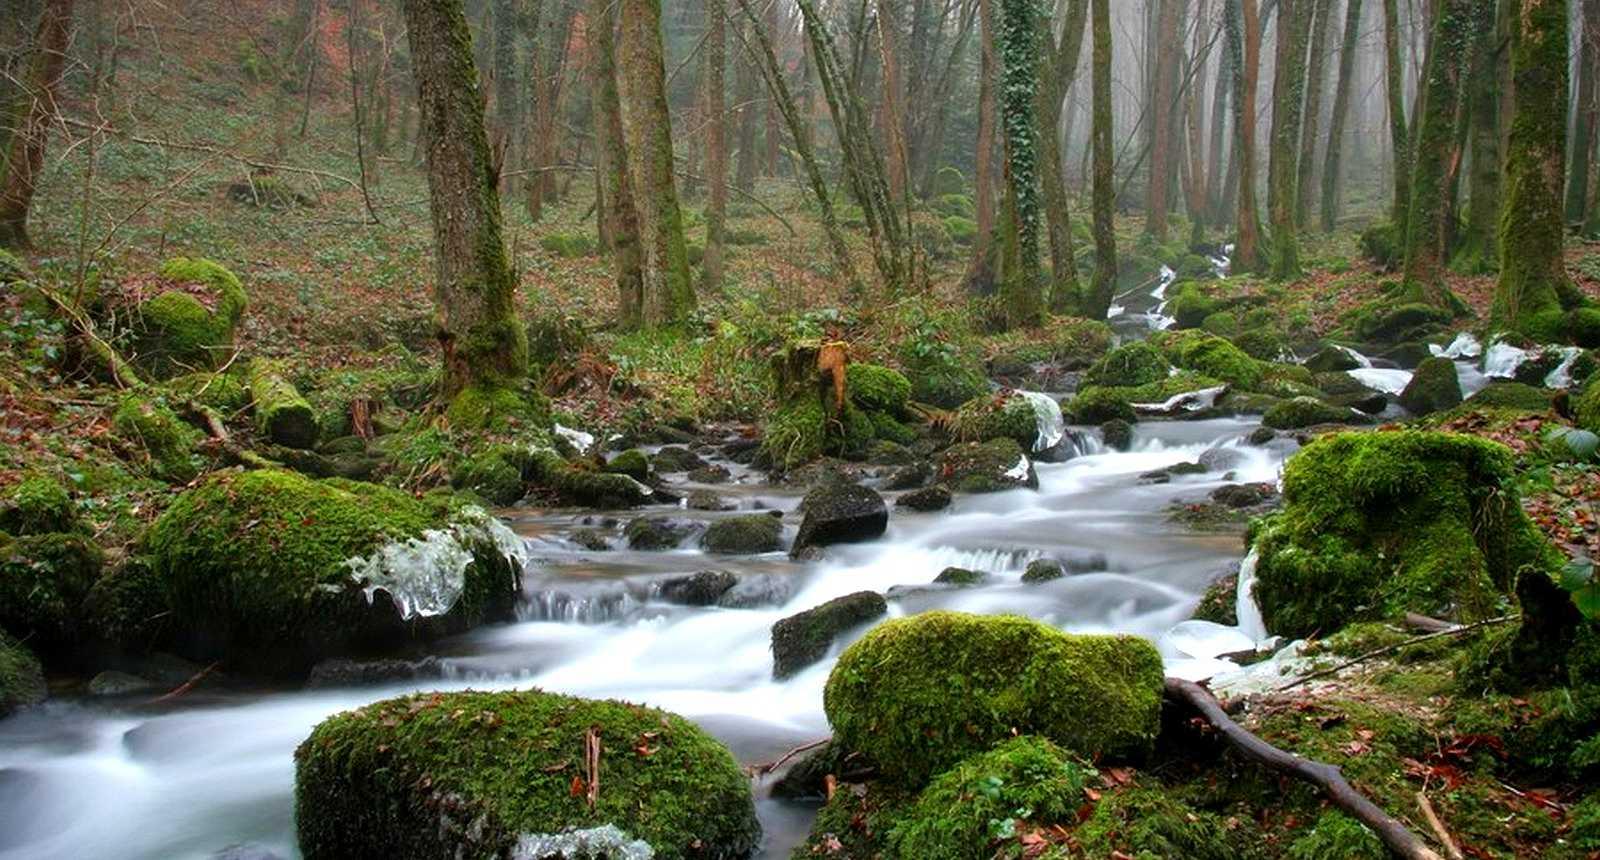 Le Ruisseau de Chêvrecul à Aillevillers-et-Lyaumont